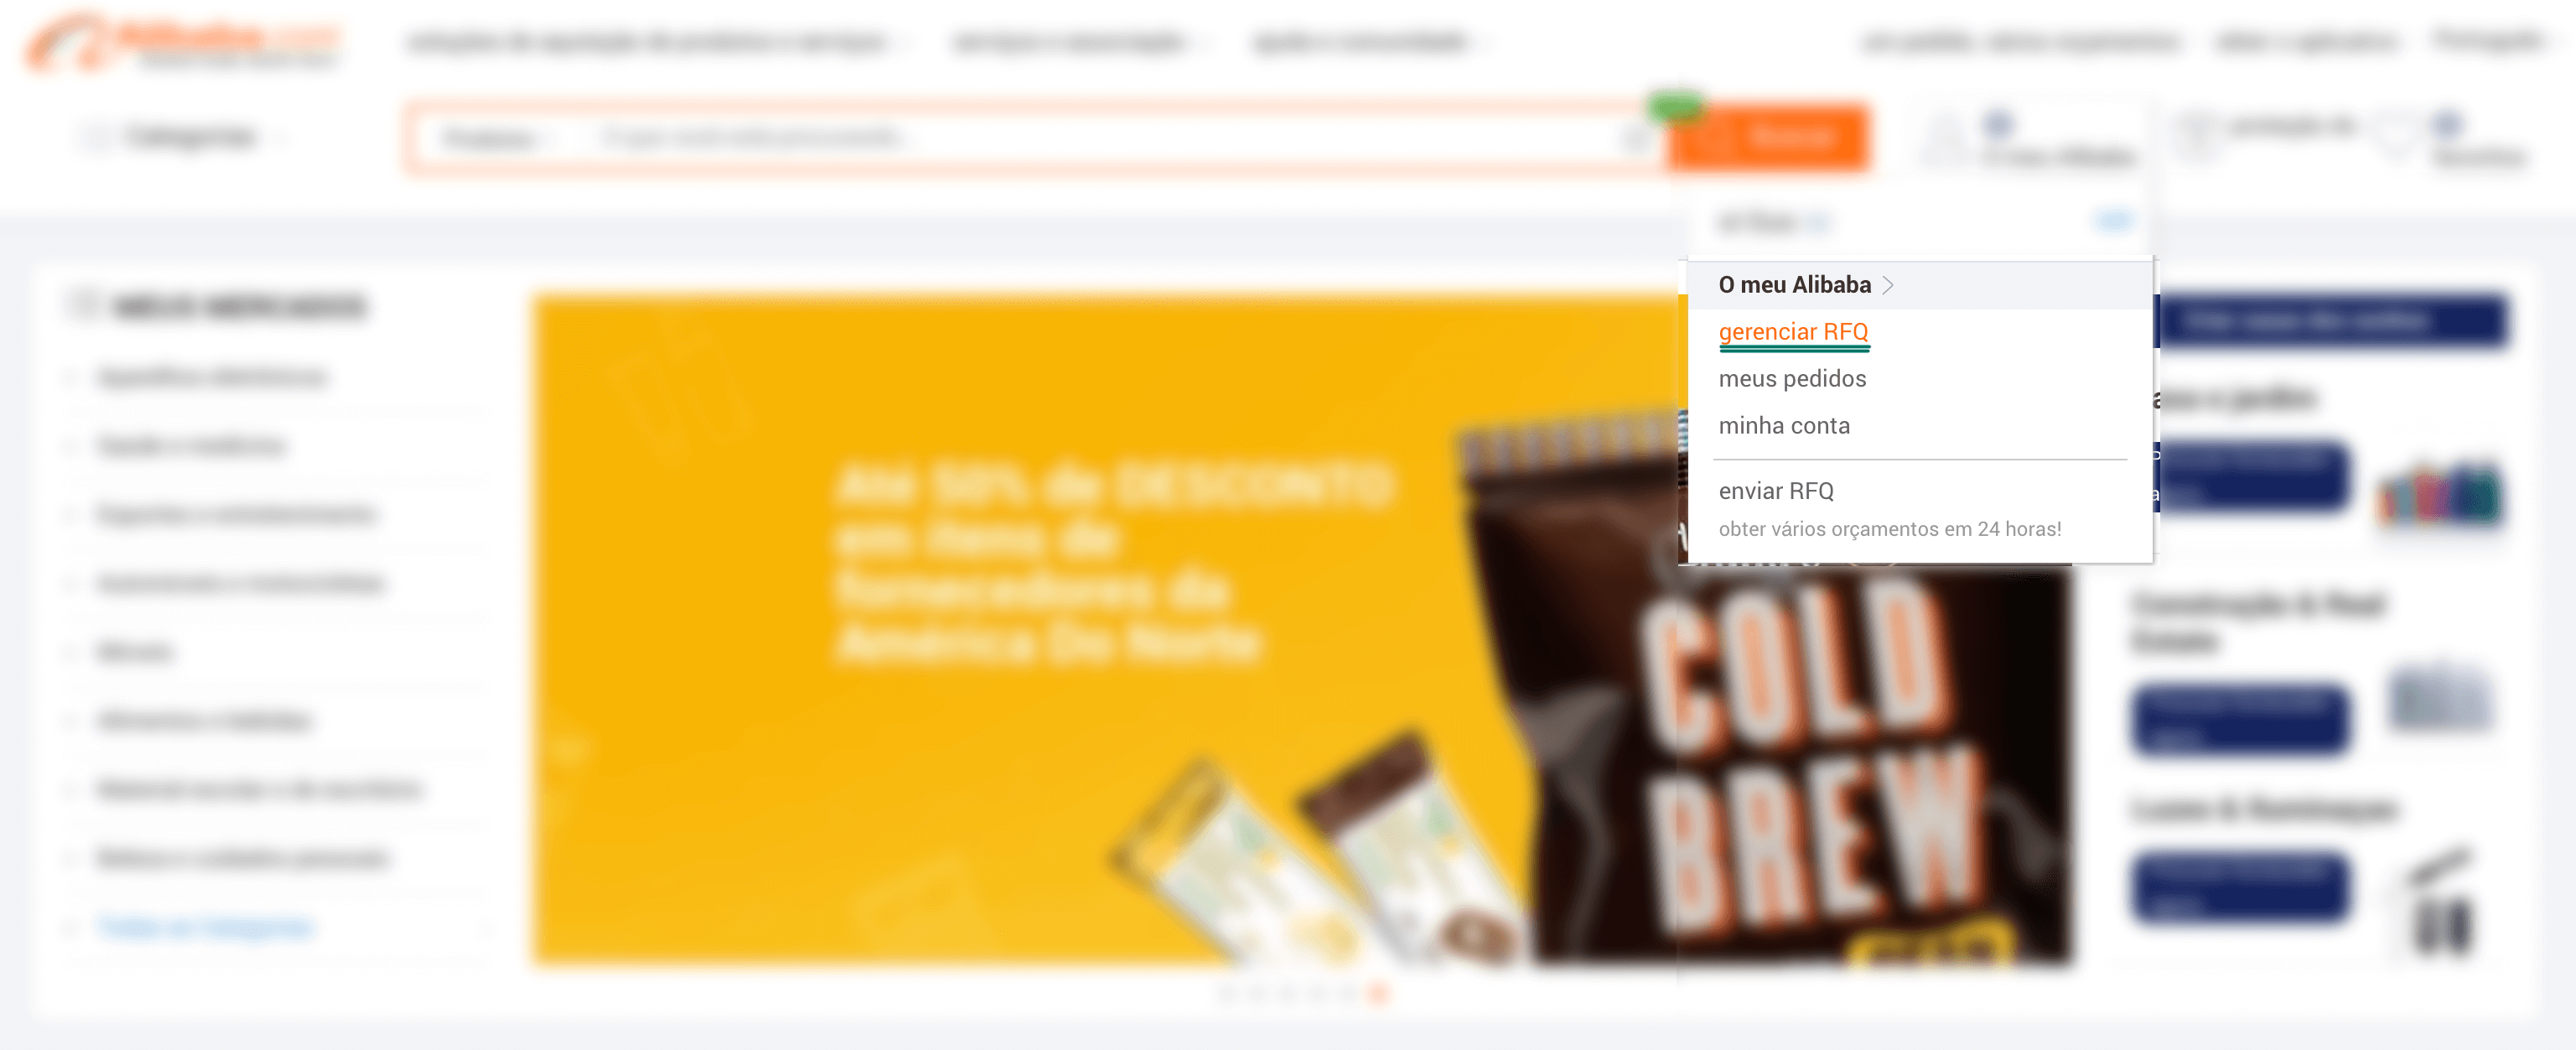 Comprar Alibaba